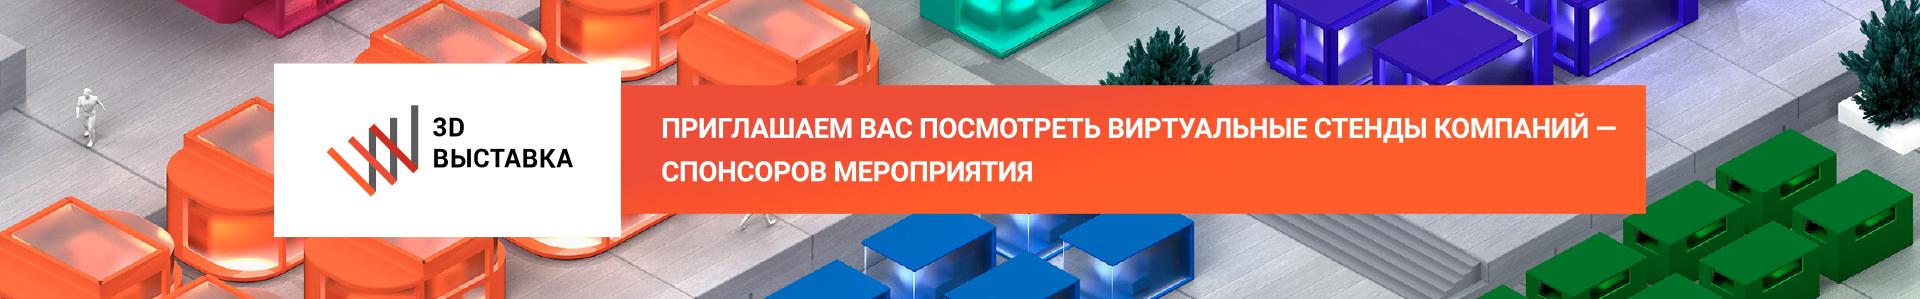 3d_exh_banner копия (1)